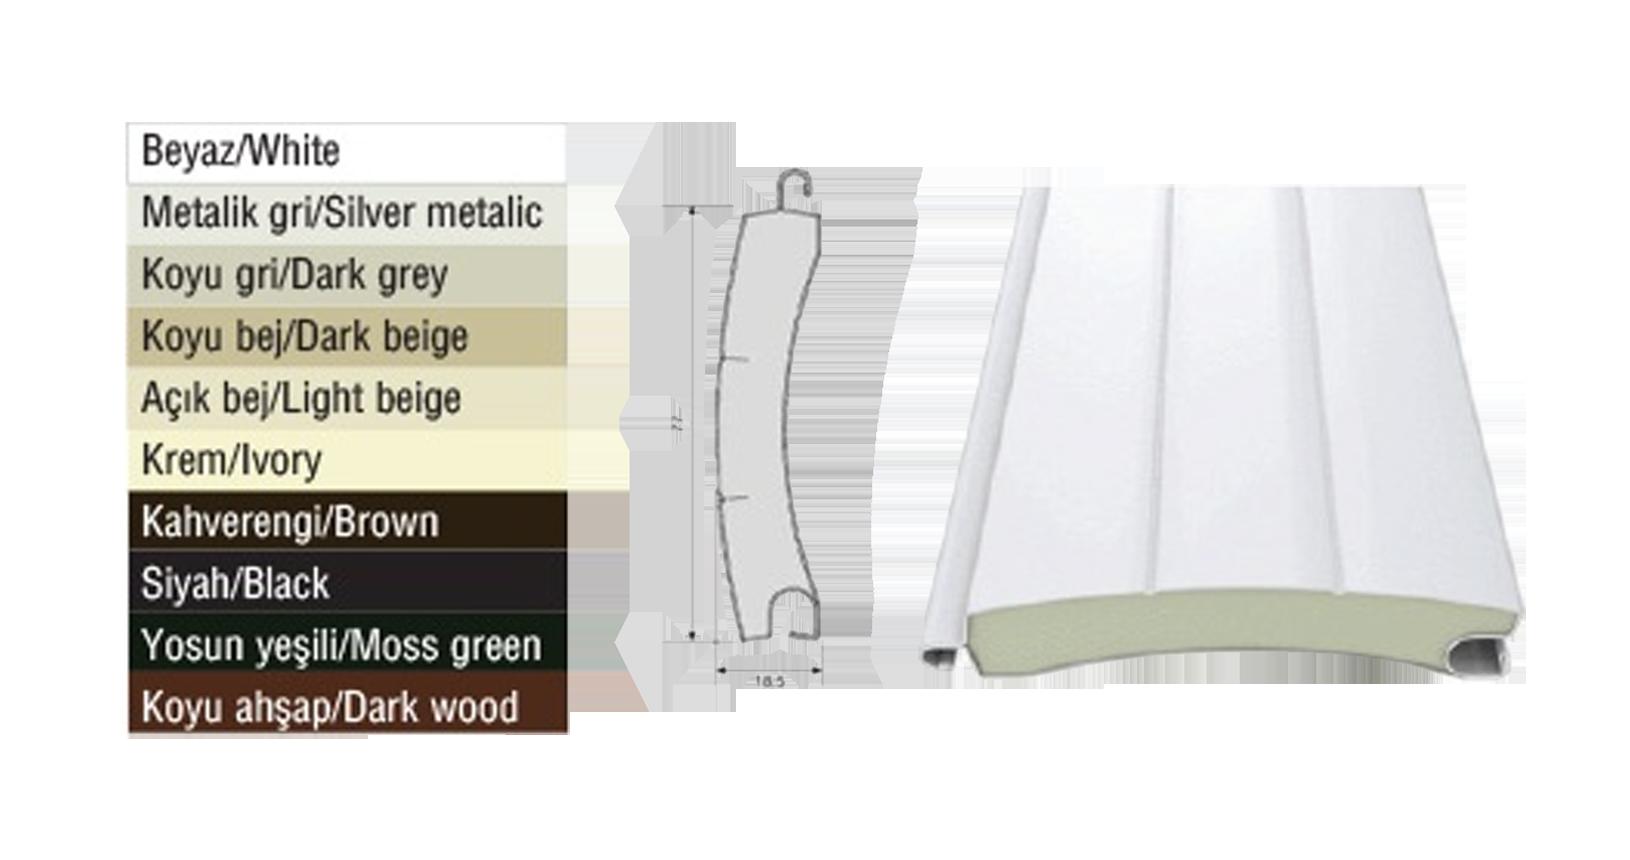 guney-kepenk-poliuretan-dolgulu-aluminyum-kepenk-profili